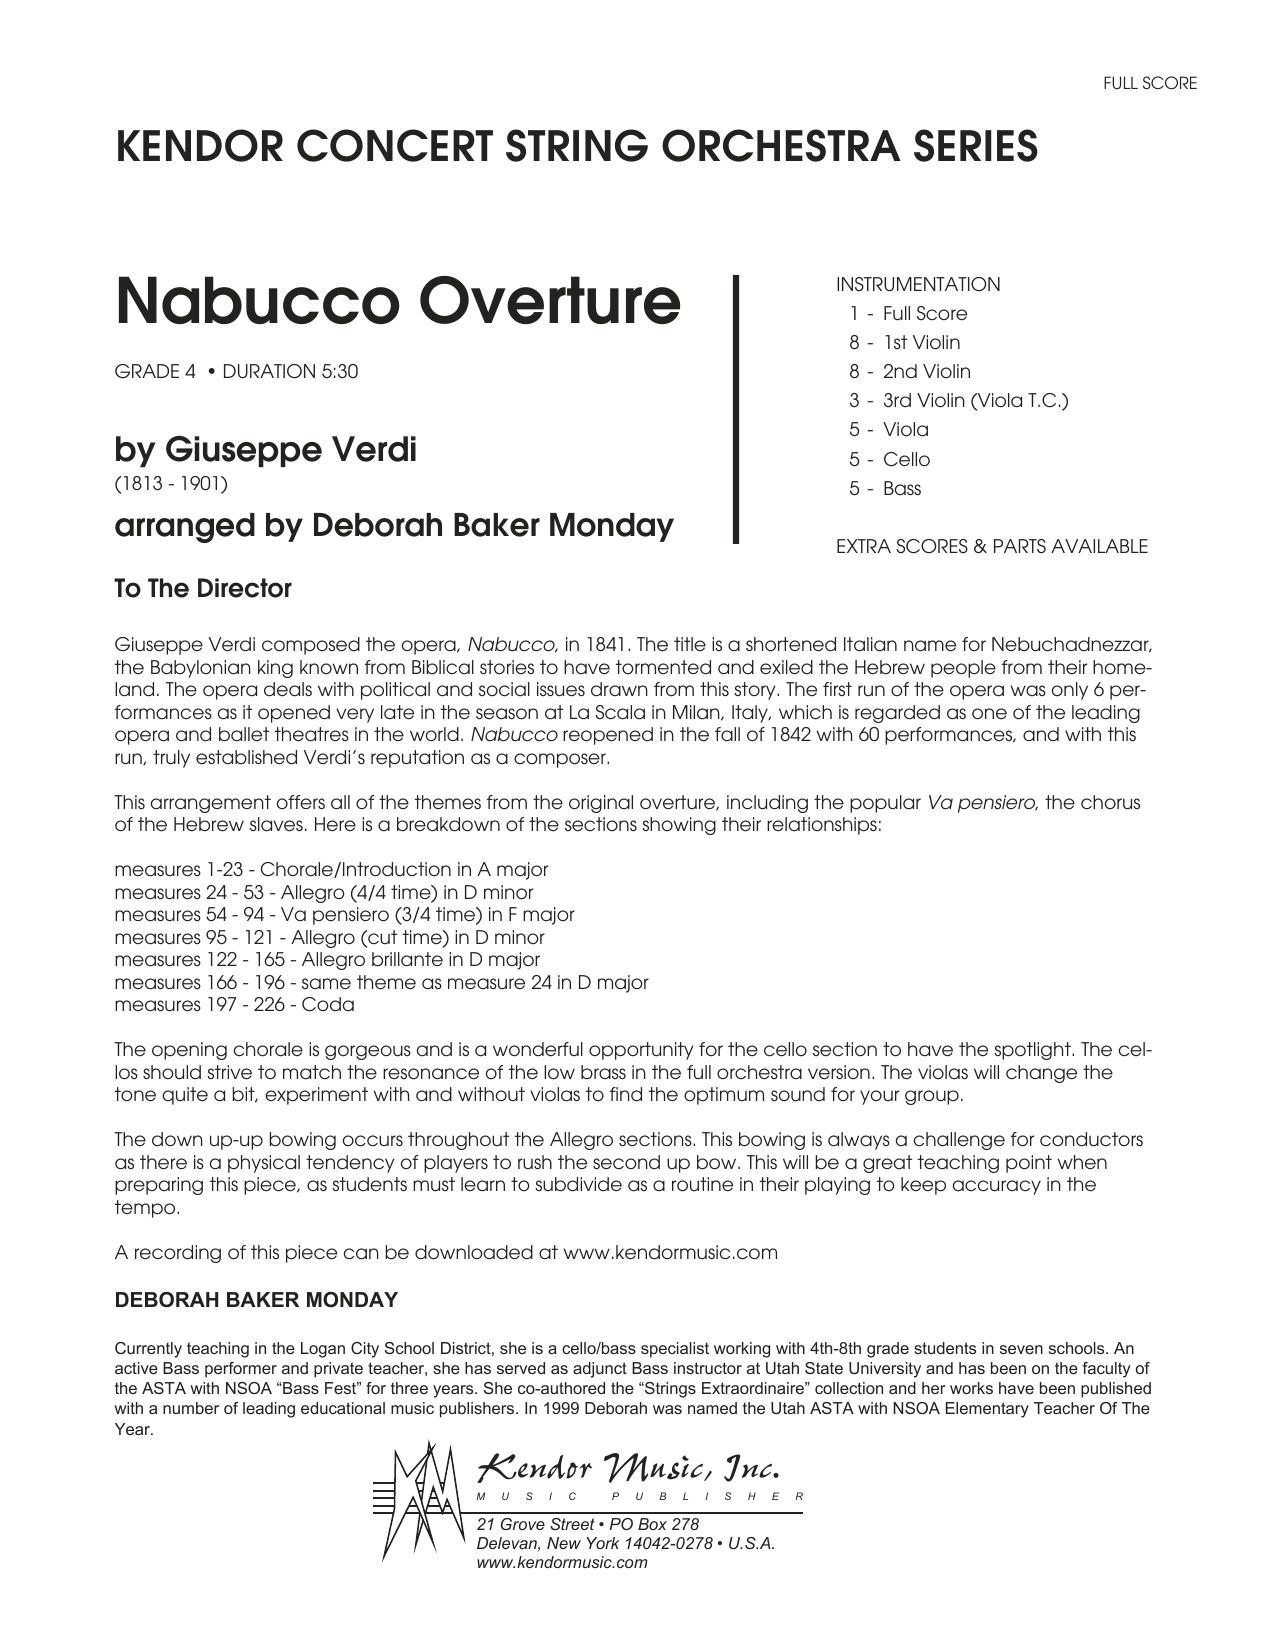 Nabucco Overture - Full Score